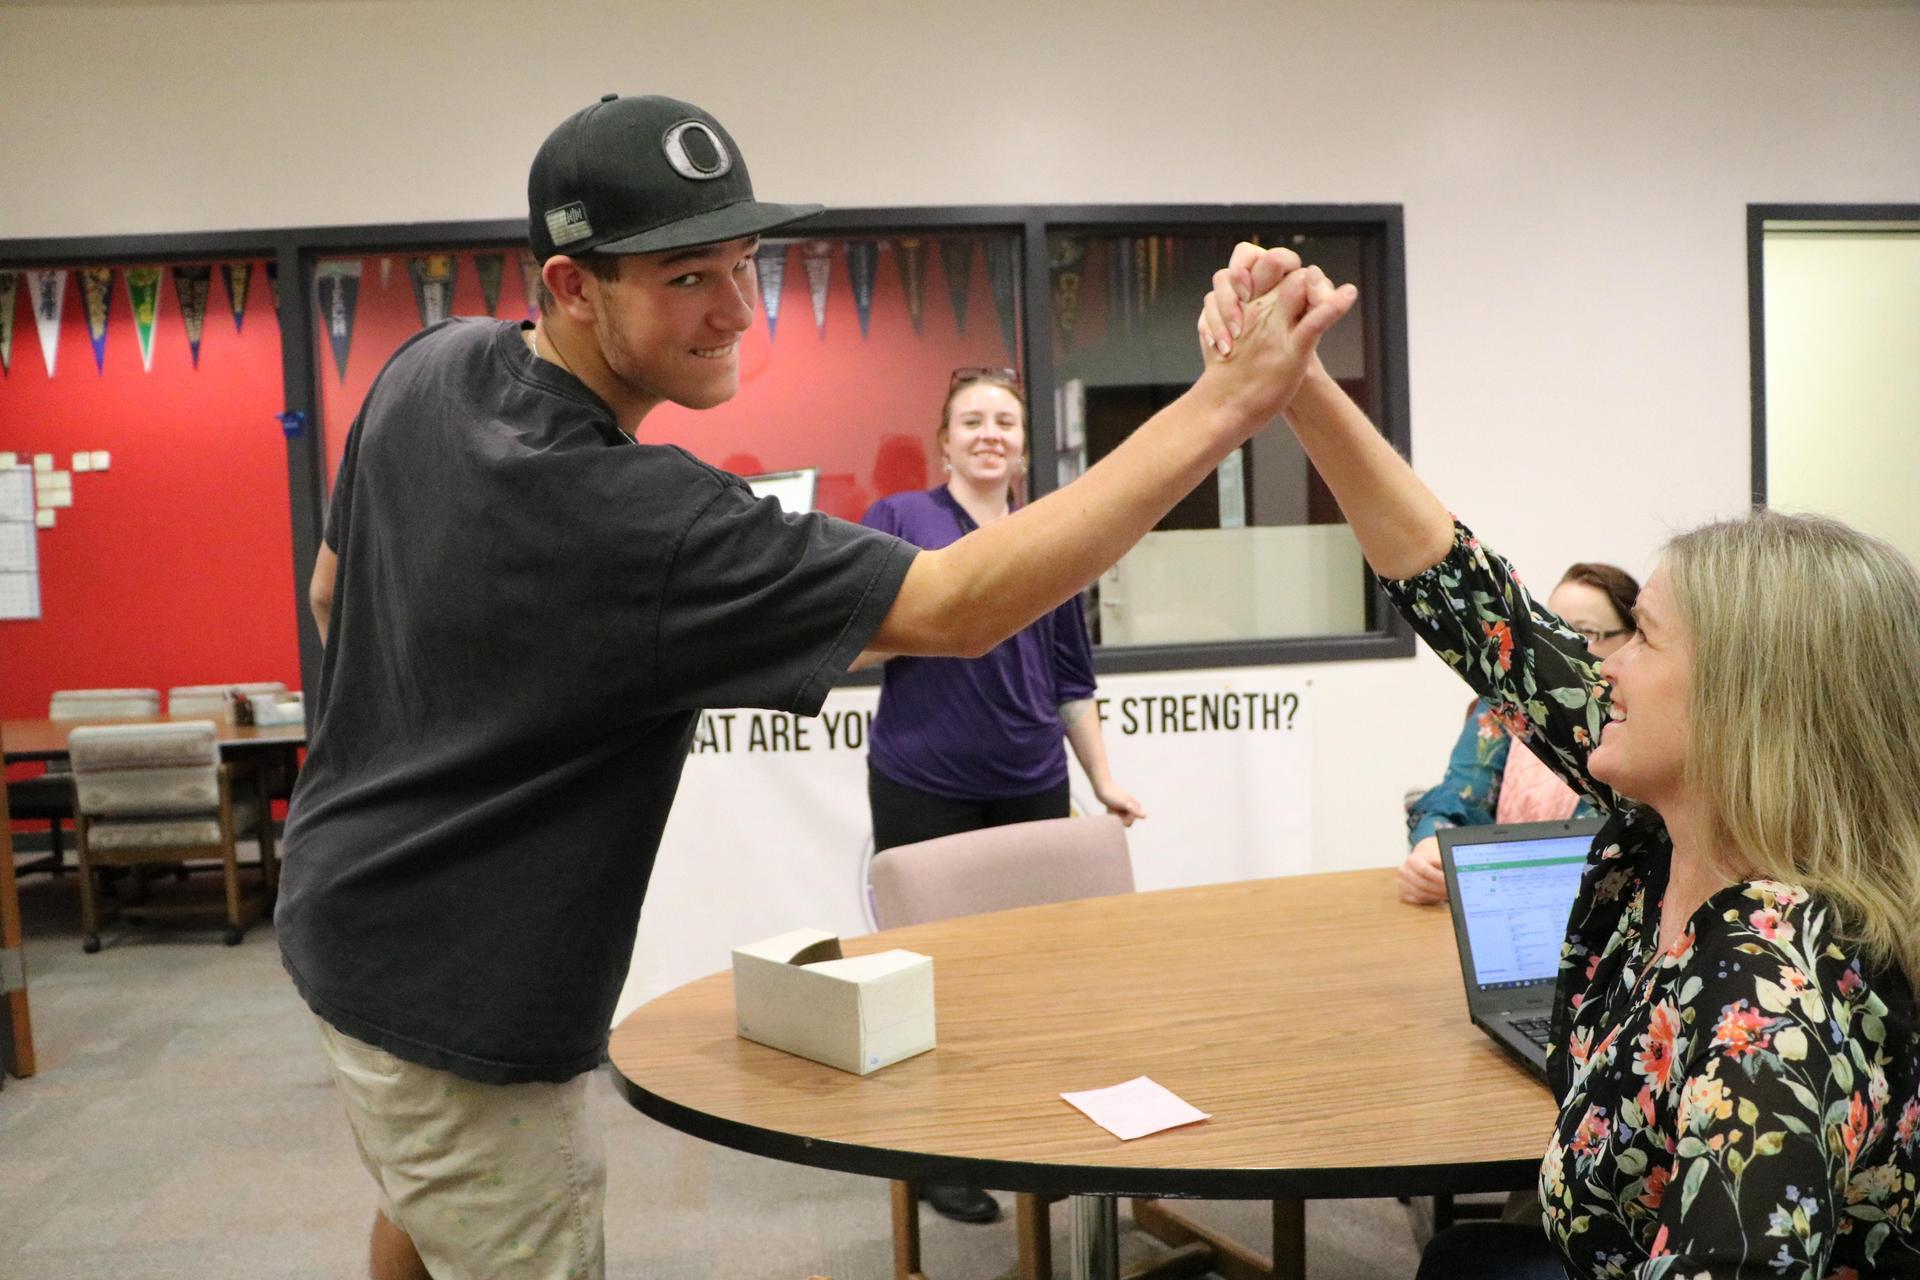 Deb congratulating a student